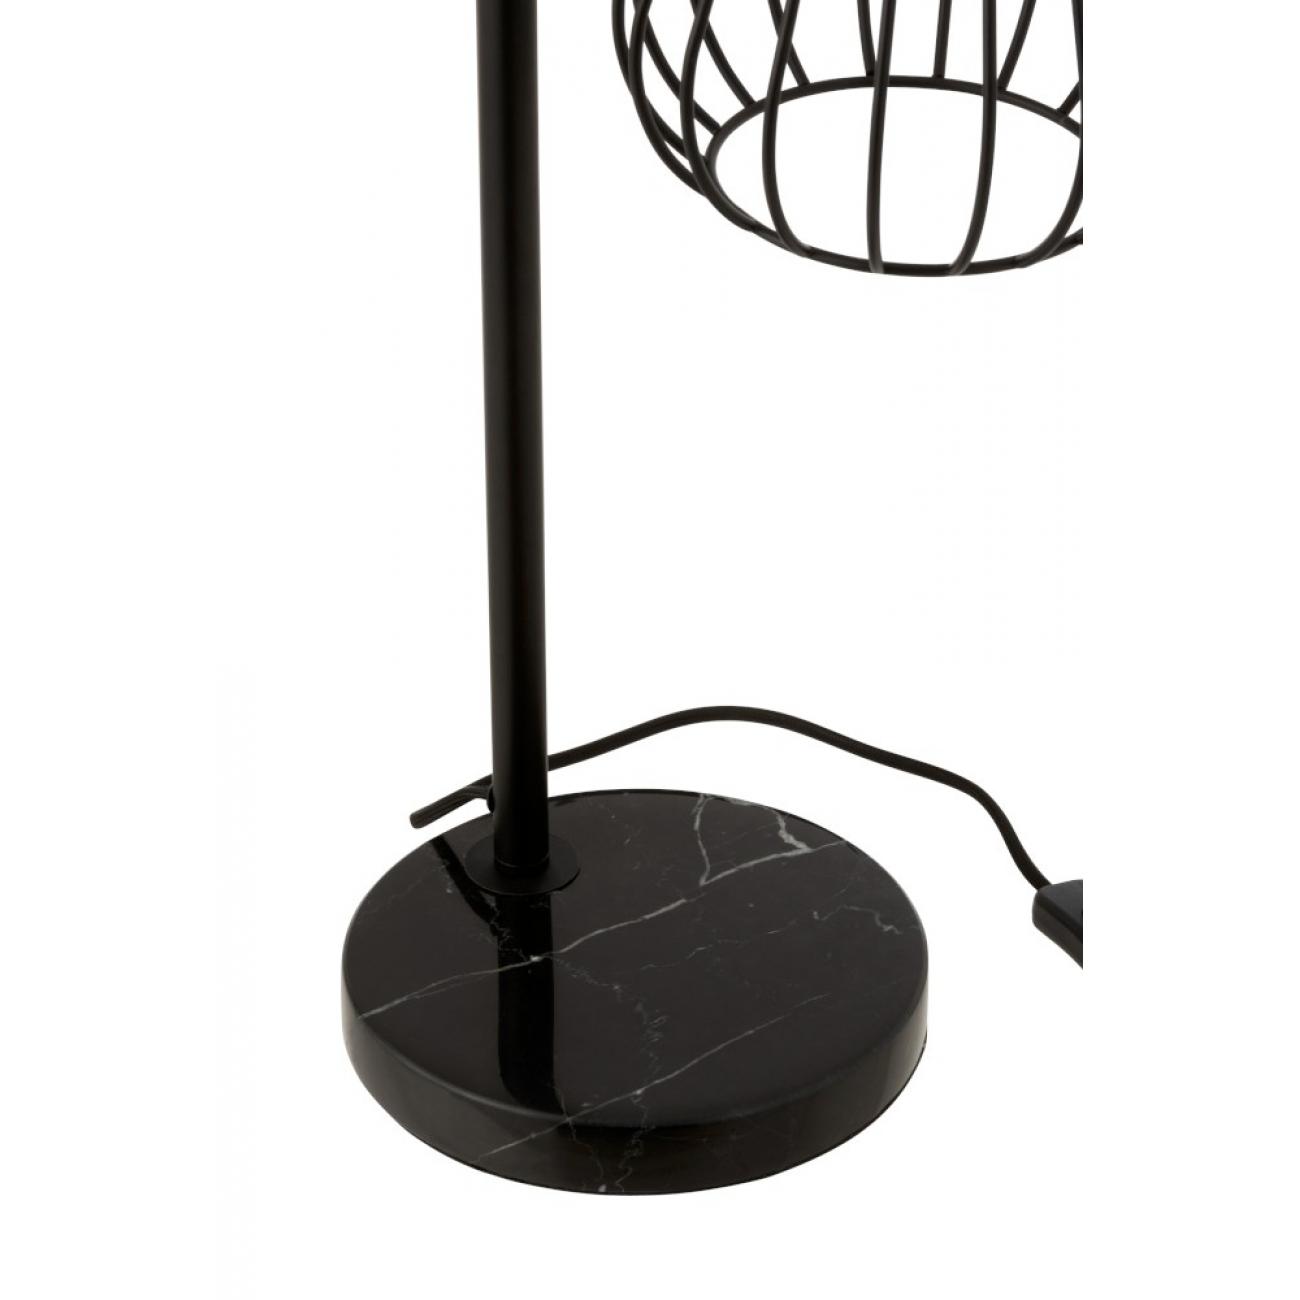 Лампа настольная  J-LINE металлическая с мраморной подставкой и кожаным декором  высота 64 см